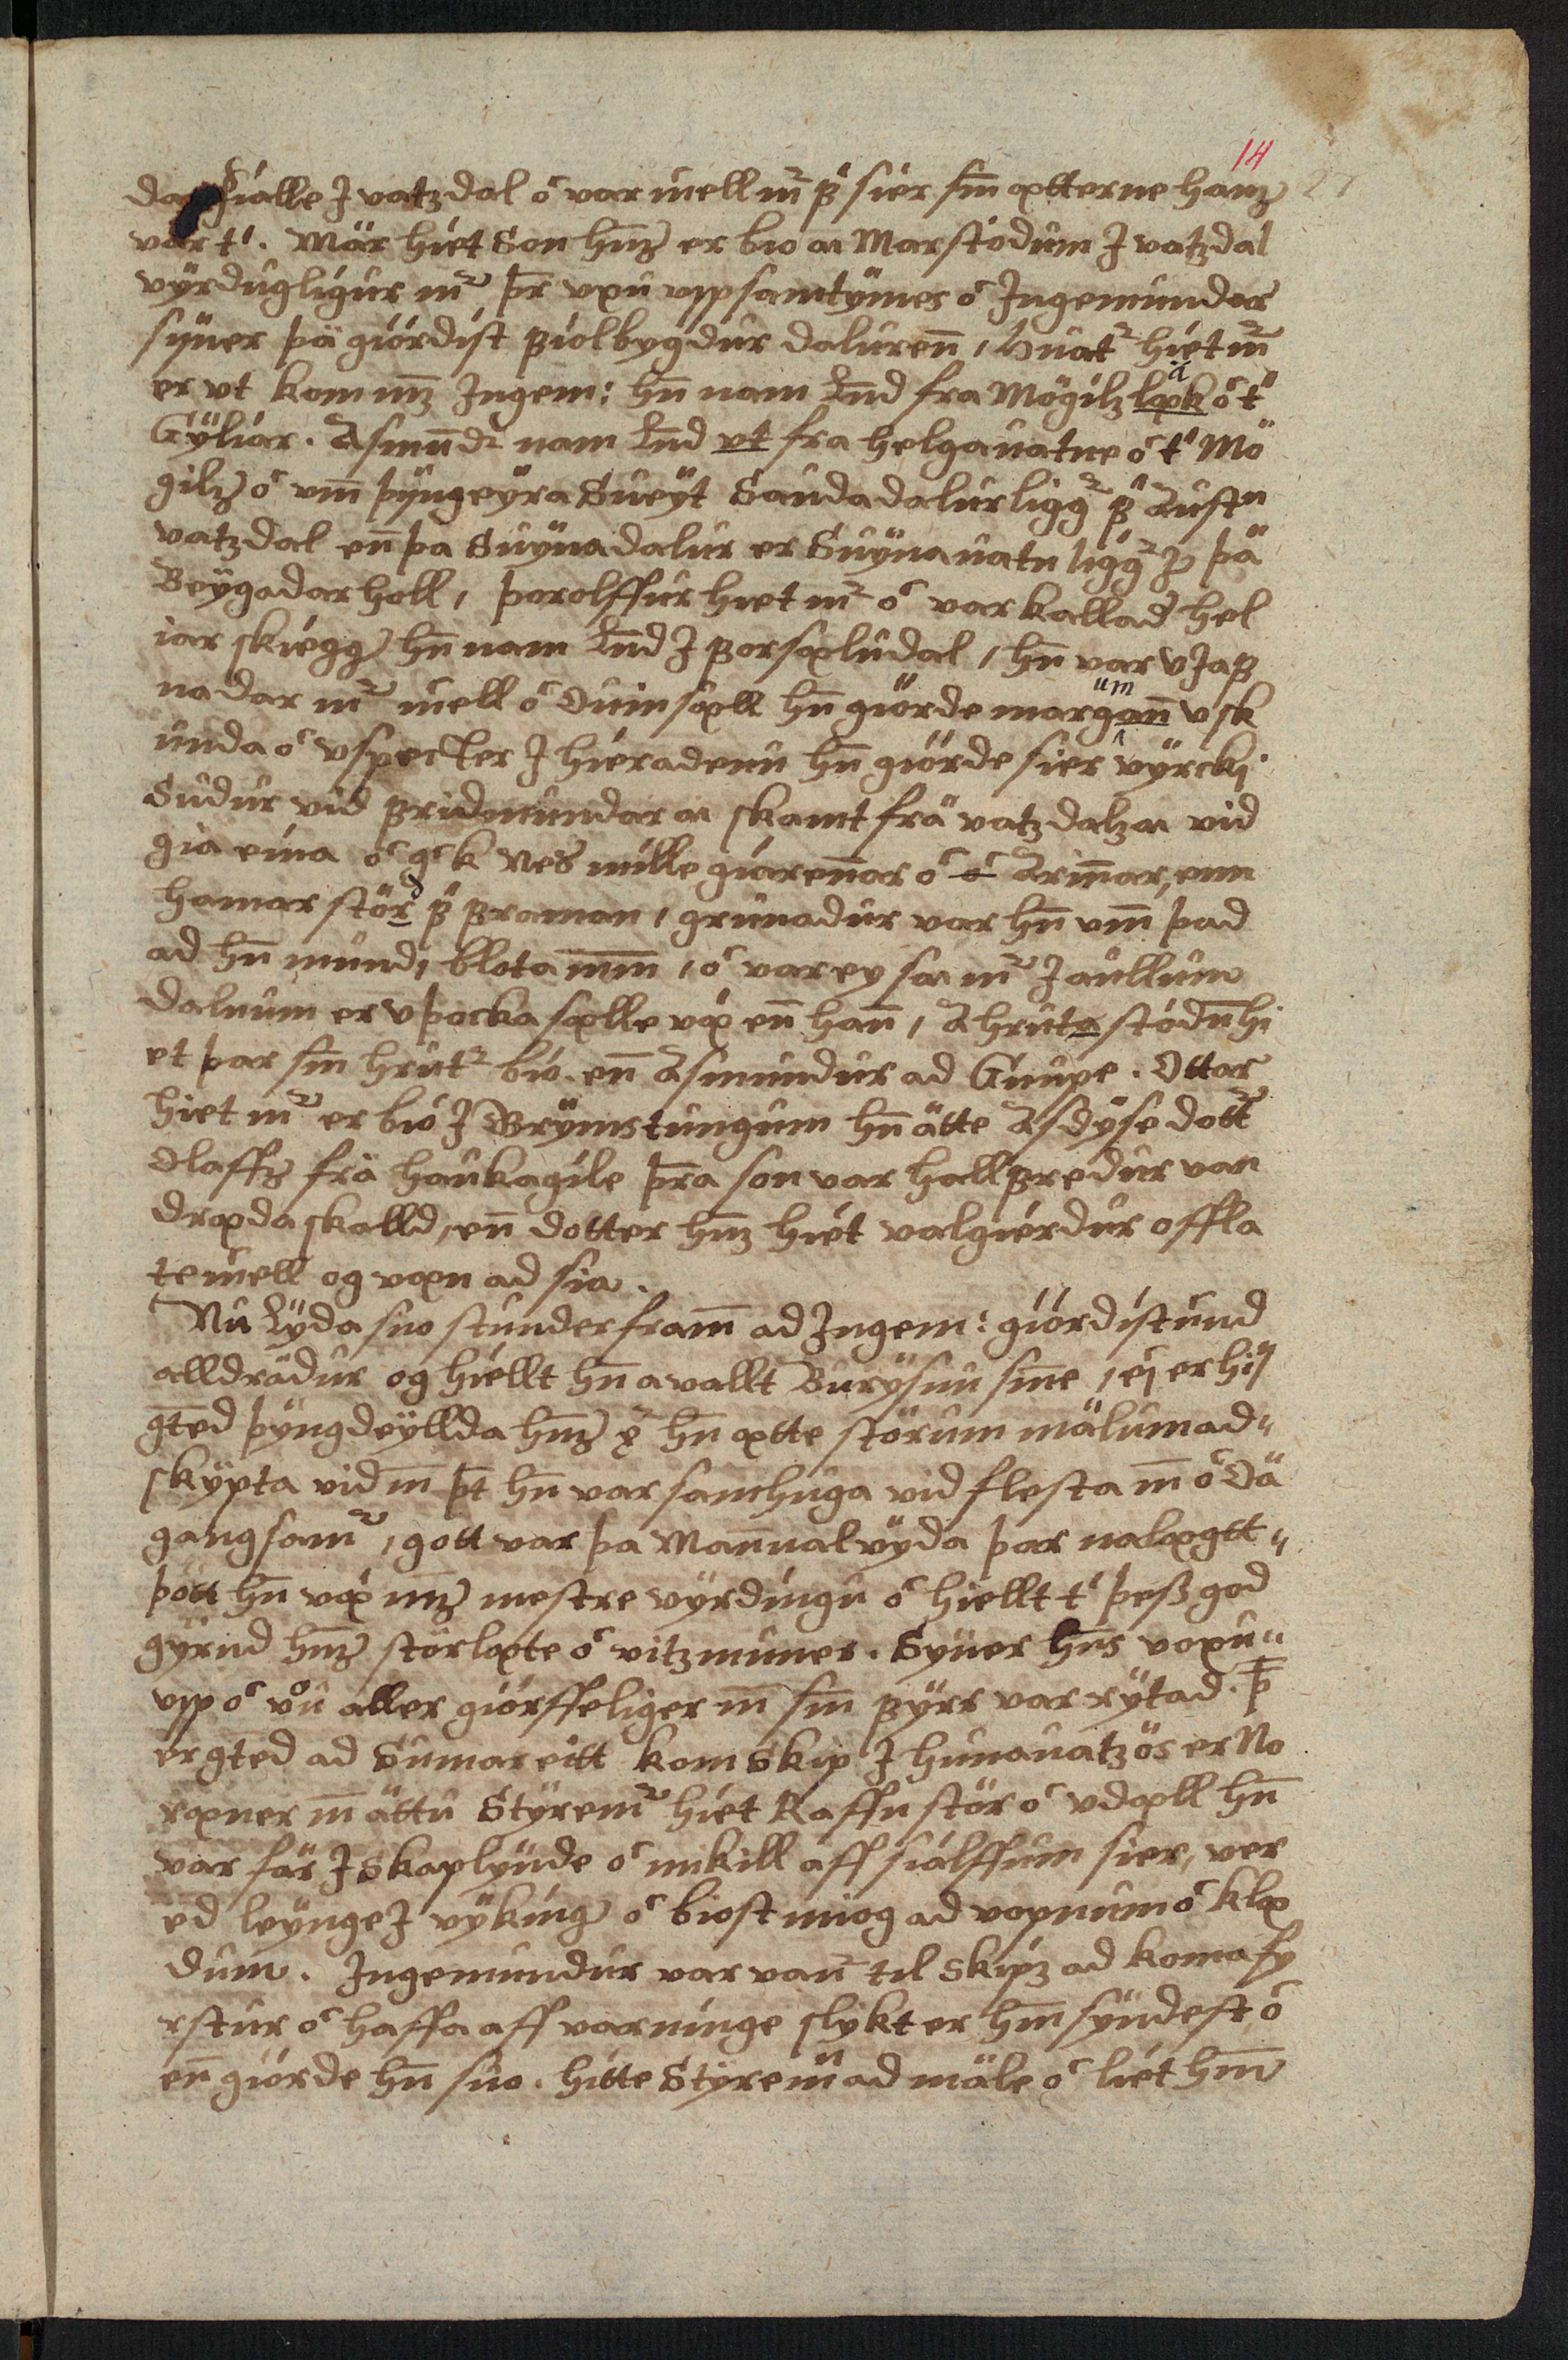 AM 138 fol - 14r